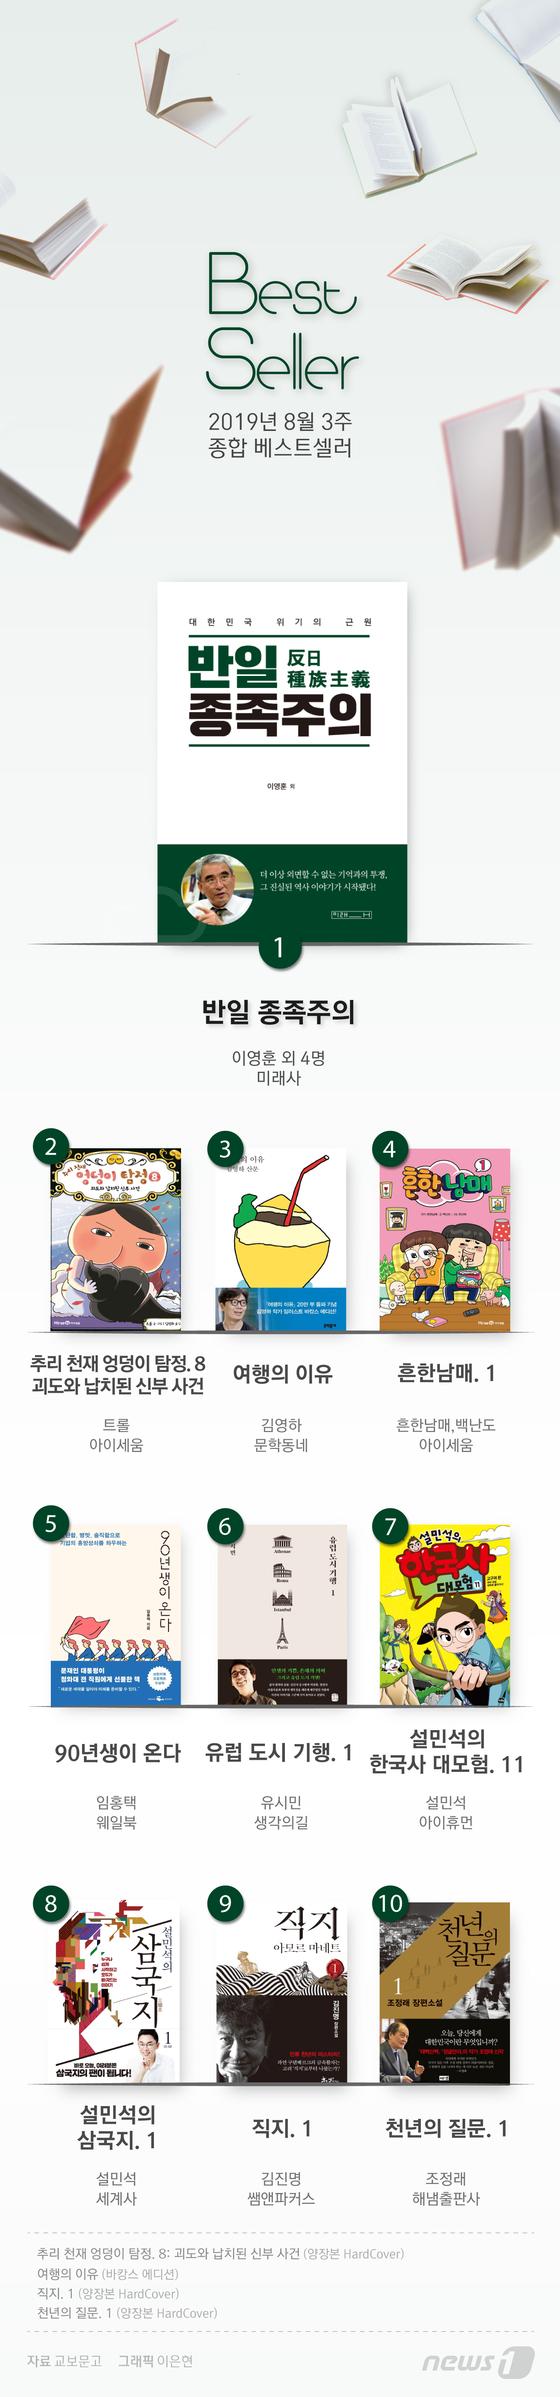 [그래픽뉴스] 8월 3주 종합 베스트셀러